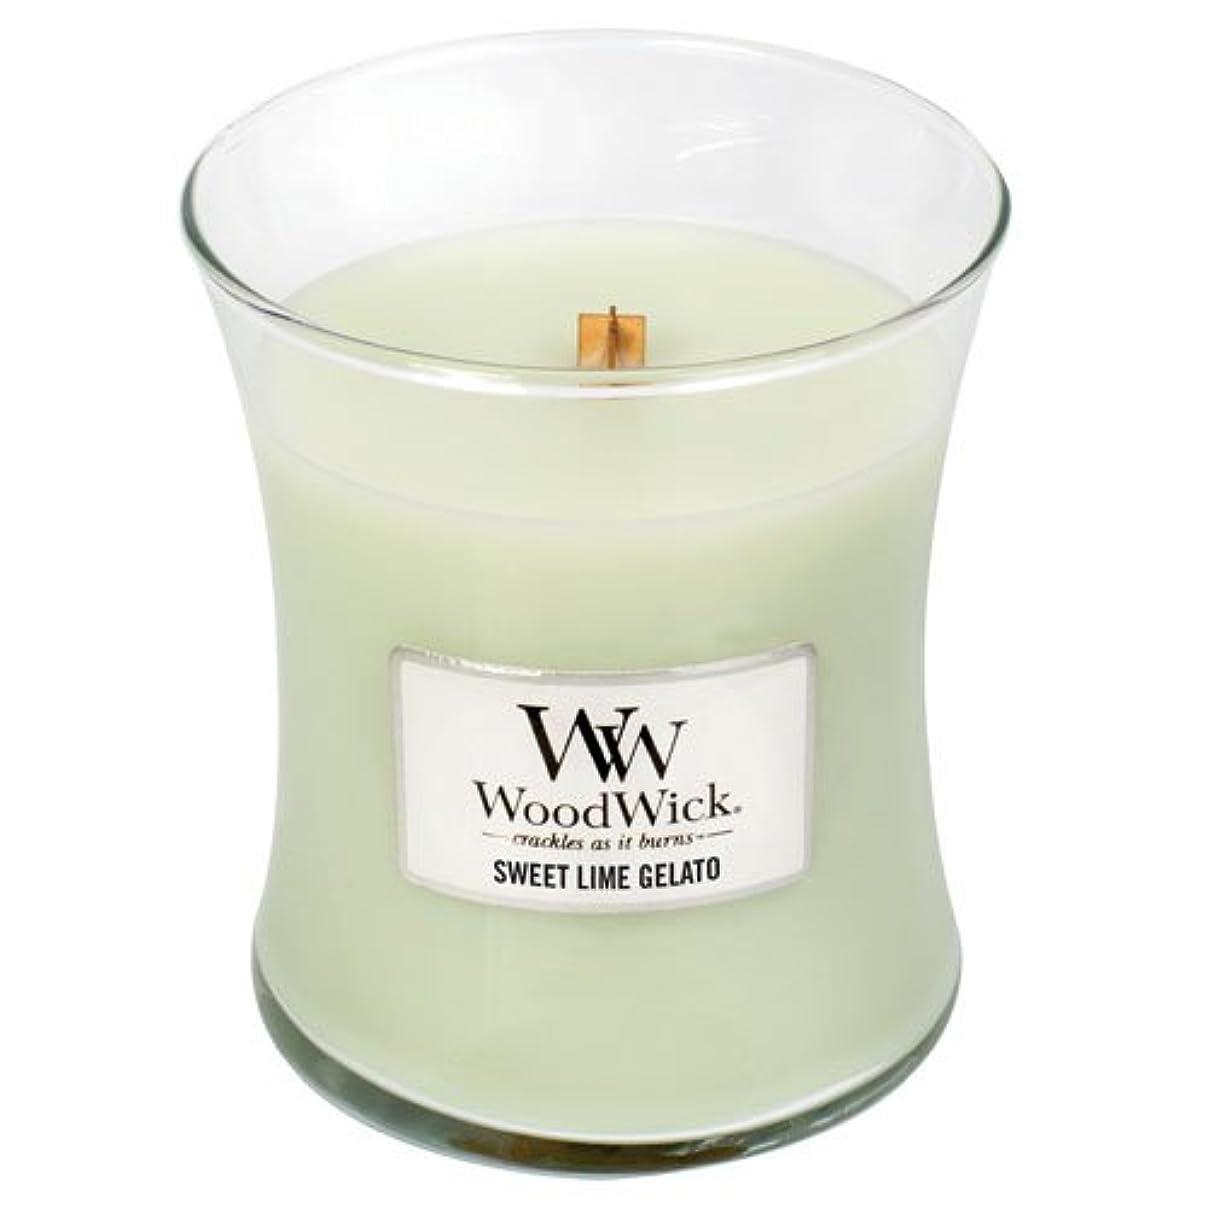 シャワー魔術宿泊SweetライムGelato WoodWick 10oz香りつきJar Candle